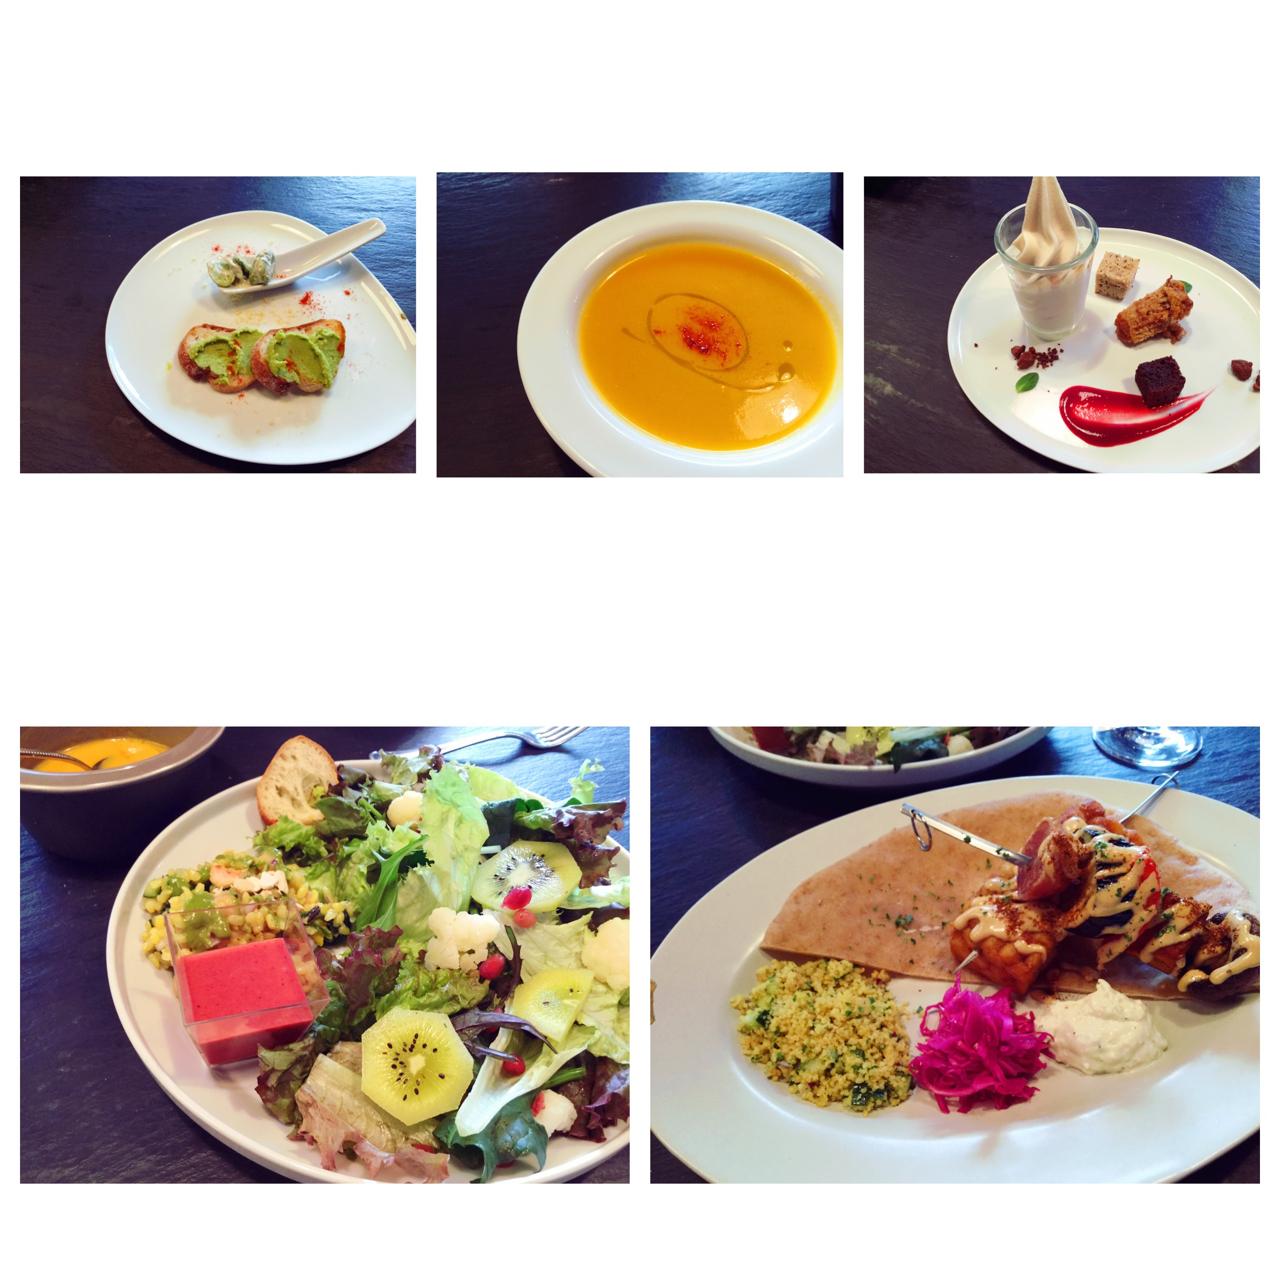 前菜からサラダ、メイン、デザートまで、旬のお野菜たっぷり、目にも美しい優しい味のメニューでした✨